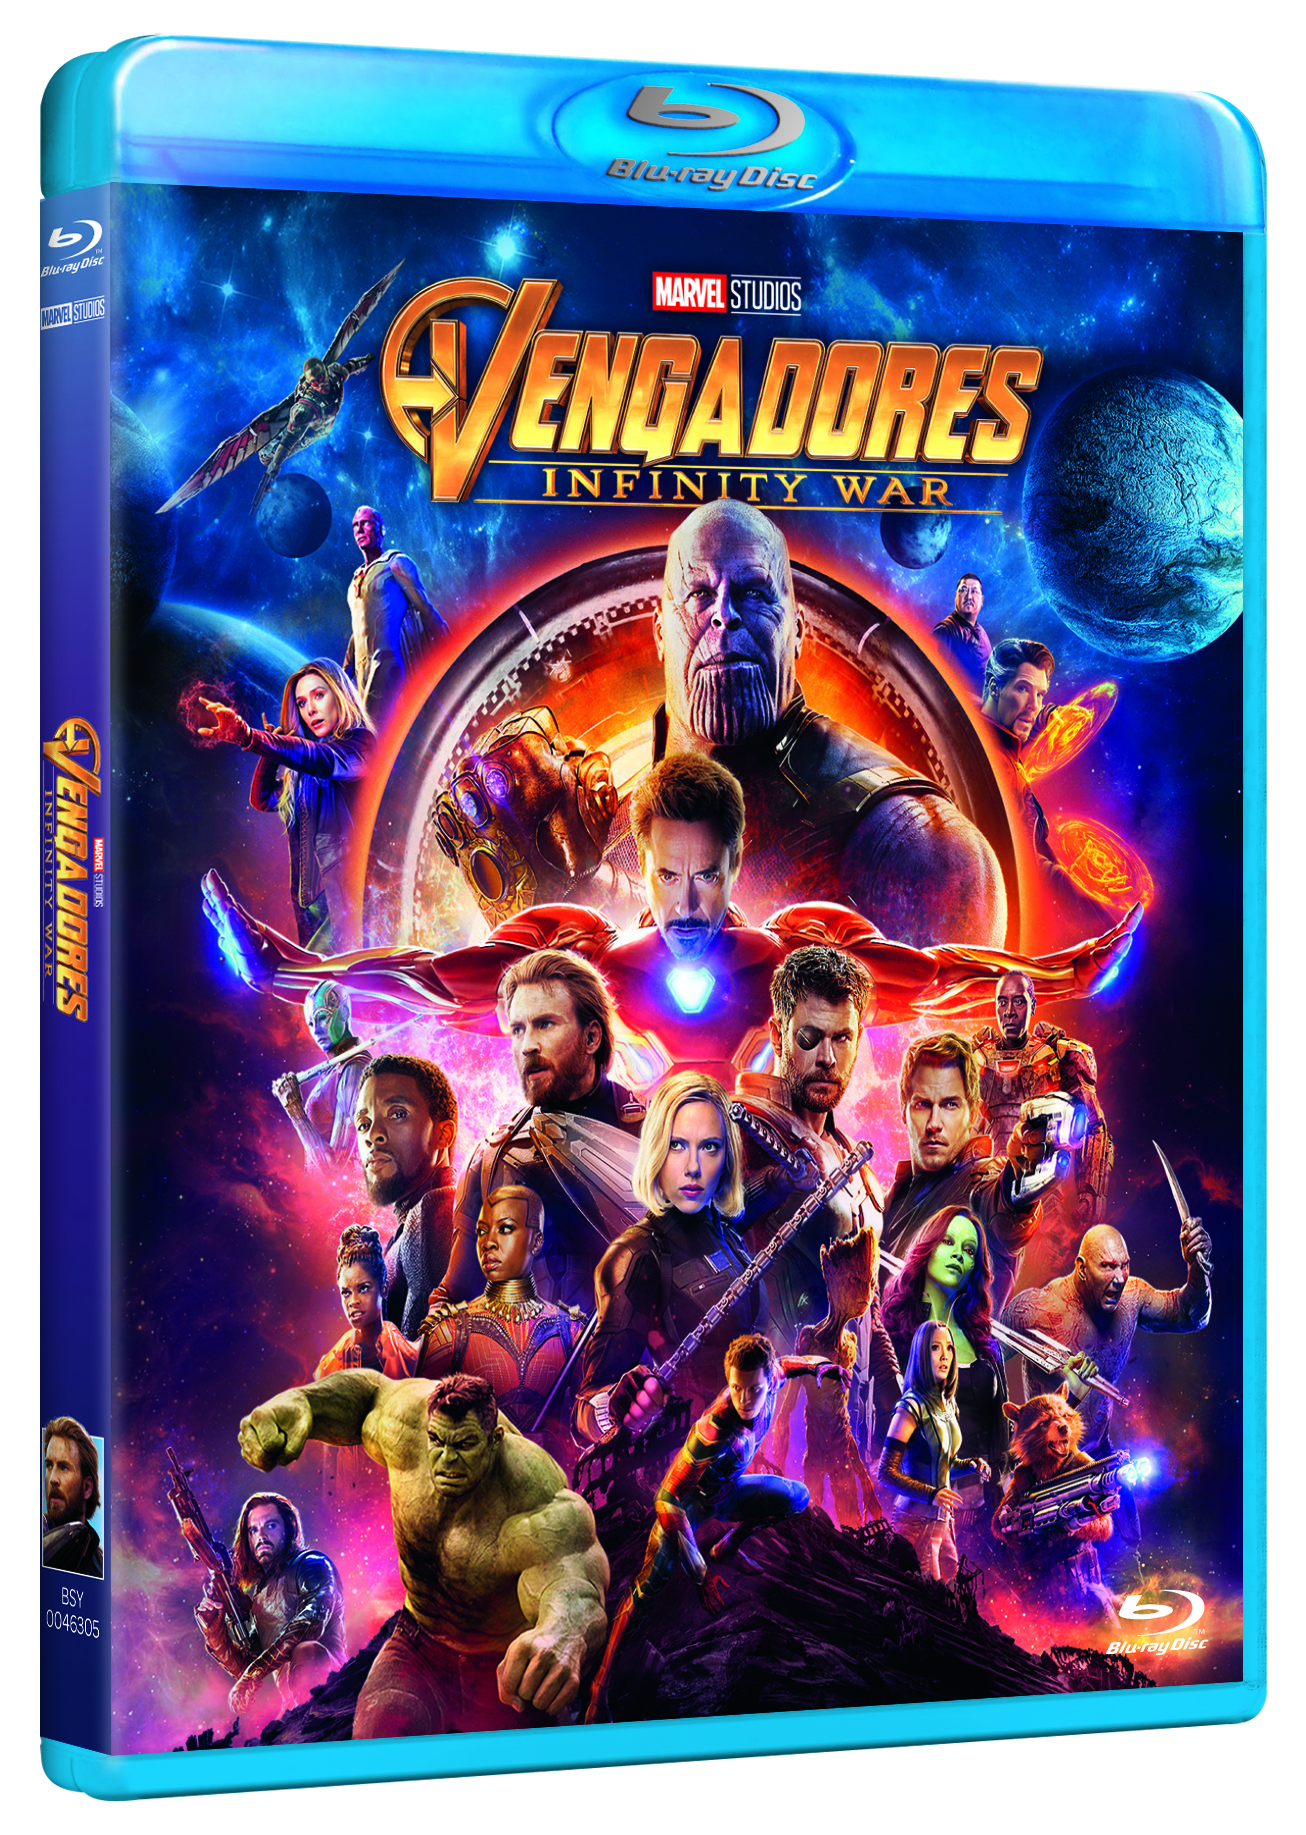 'Infinity War' llegará en Blu-ray, Steelbook, 3D y Dvd el 29 de agosto